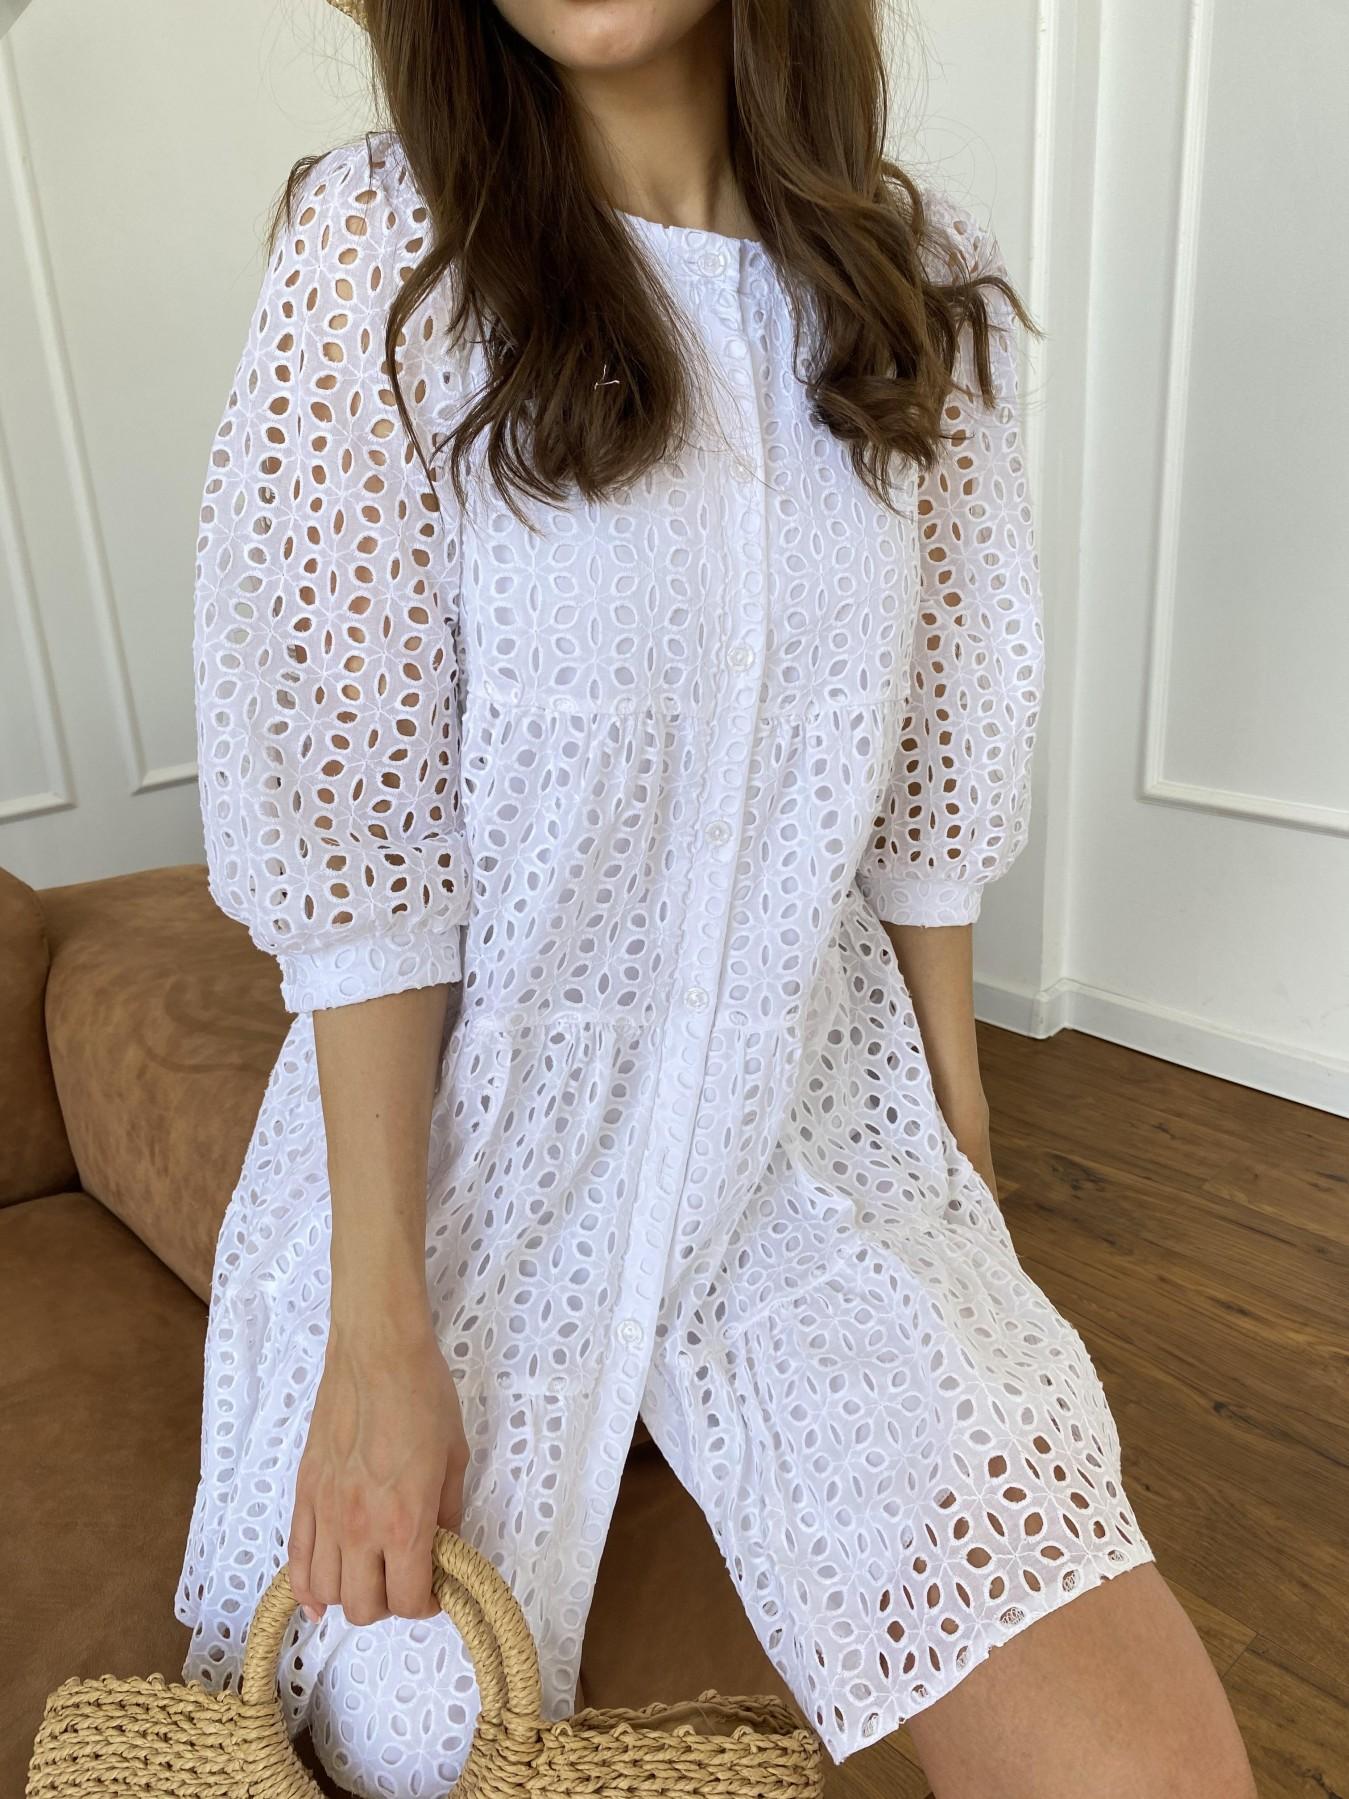 Берри платье из шитья 11490 АРТ. 48183 Цвет: Молоко/КрупЦветПерфор - фото 4, интернет магазин tm-modus.ru